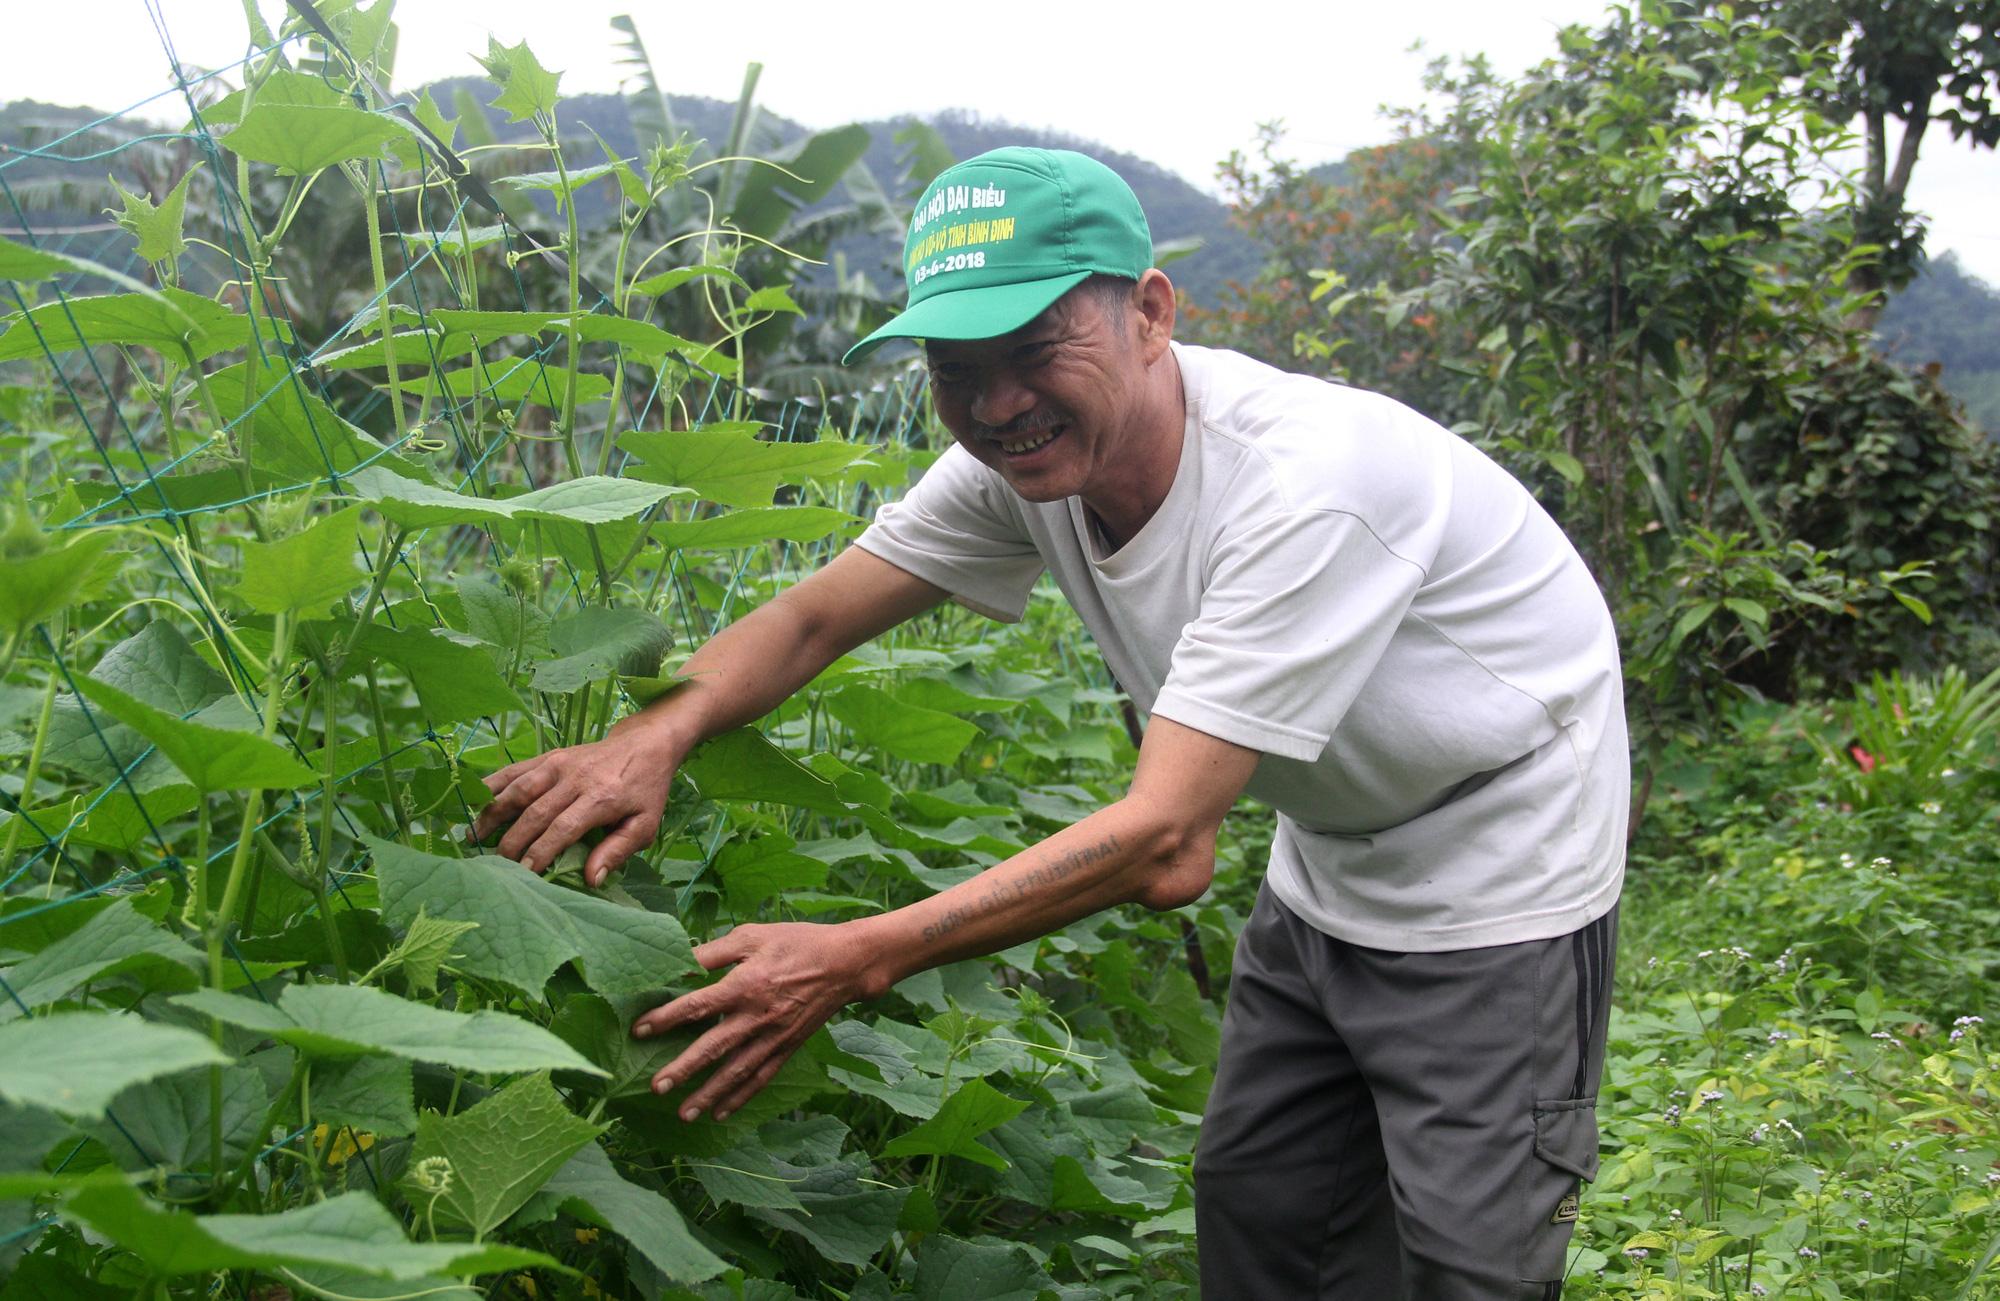 Nhiều hộ nghèo ở Bình Định tự nguyện xin thoát nghèo - Ảnh 1.